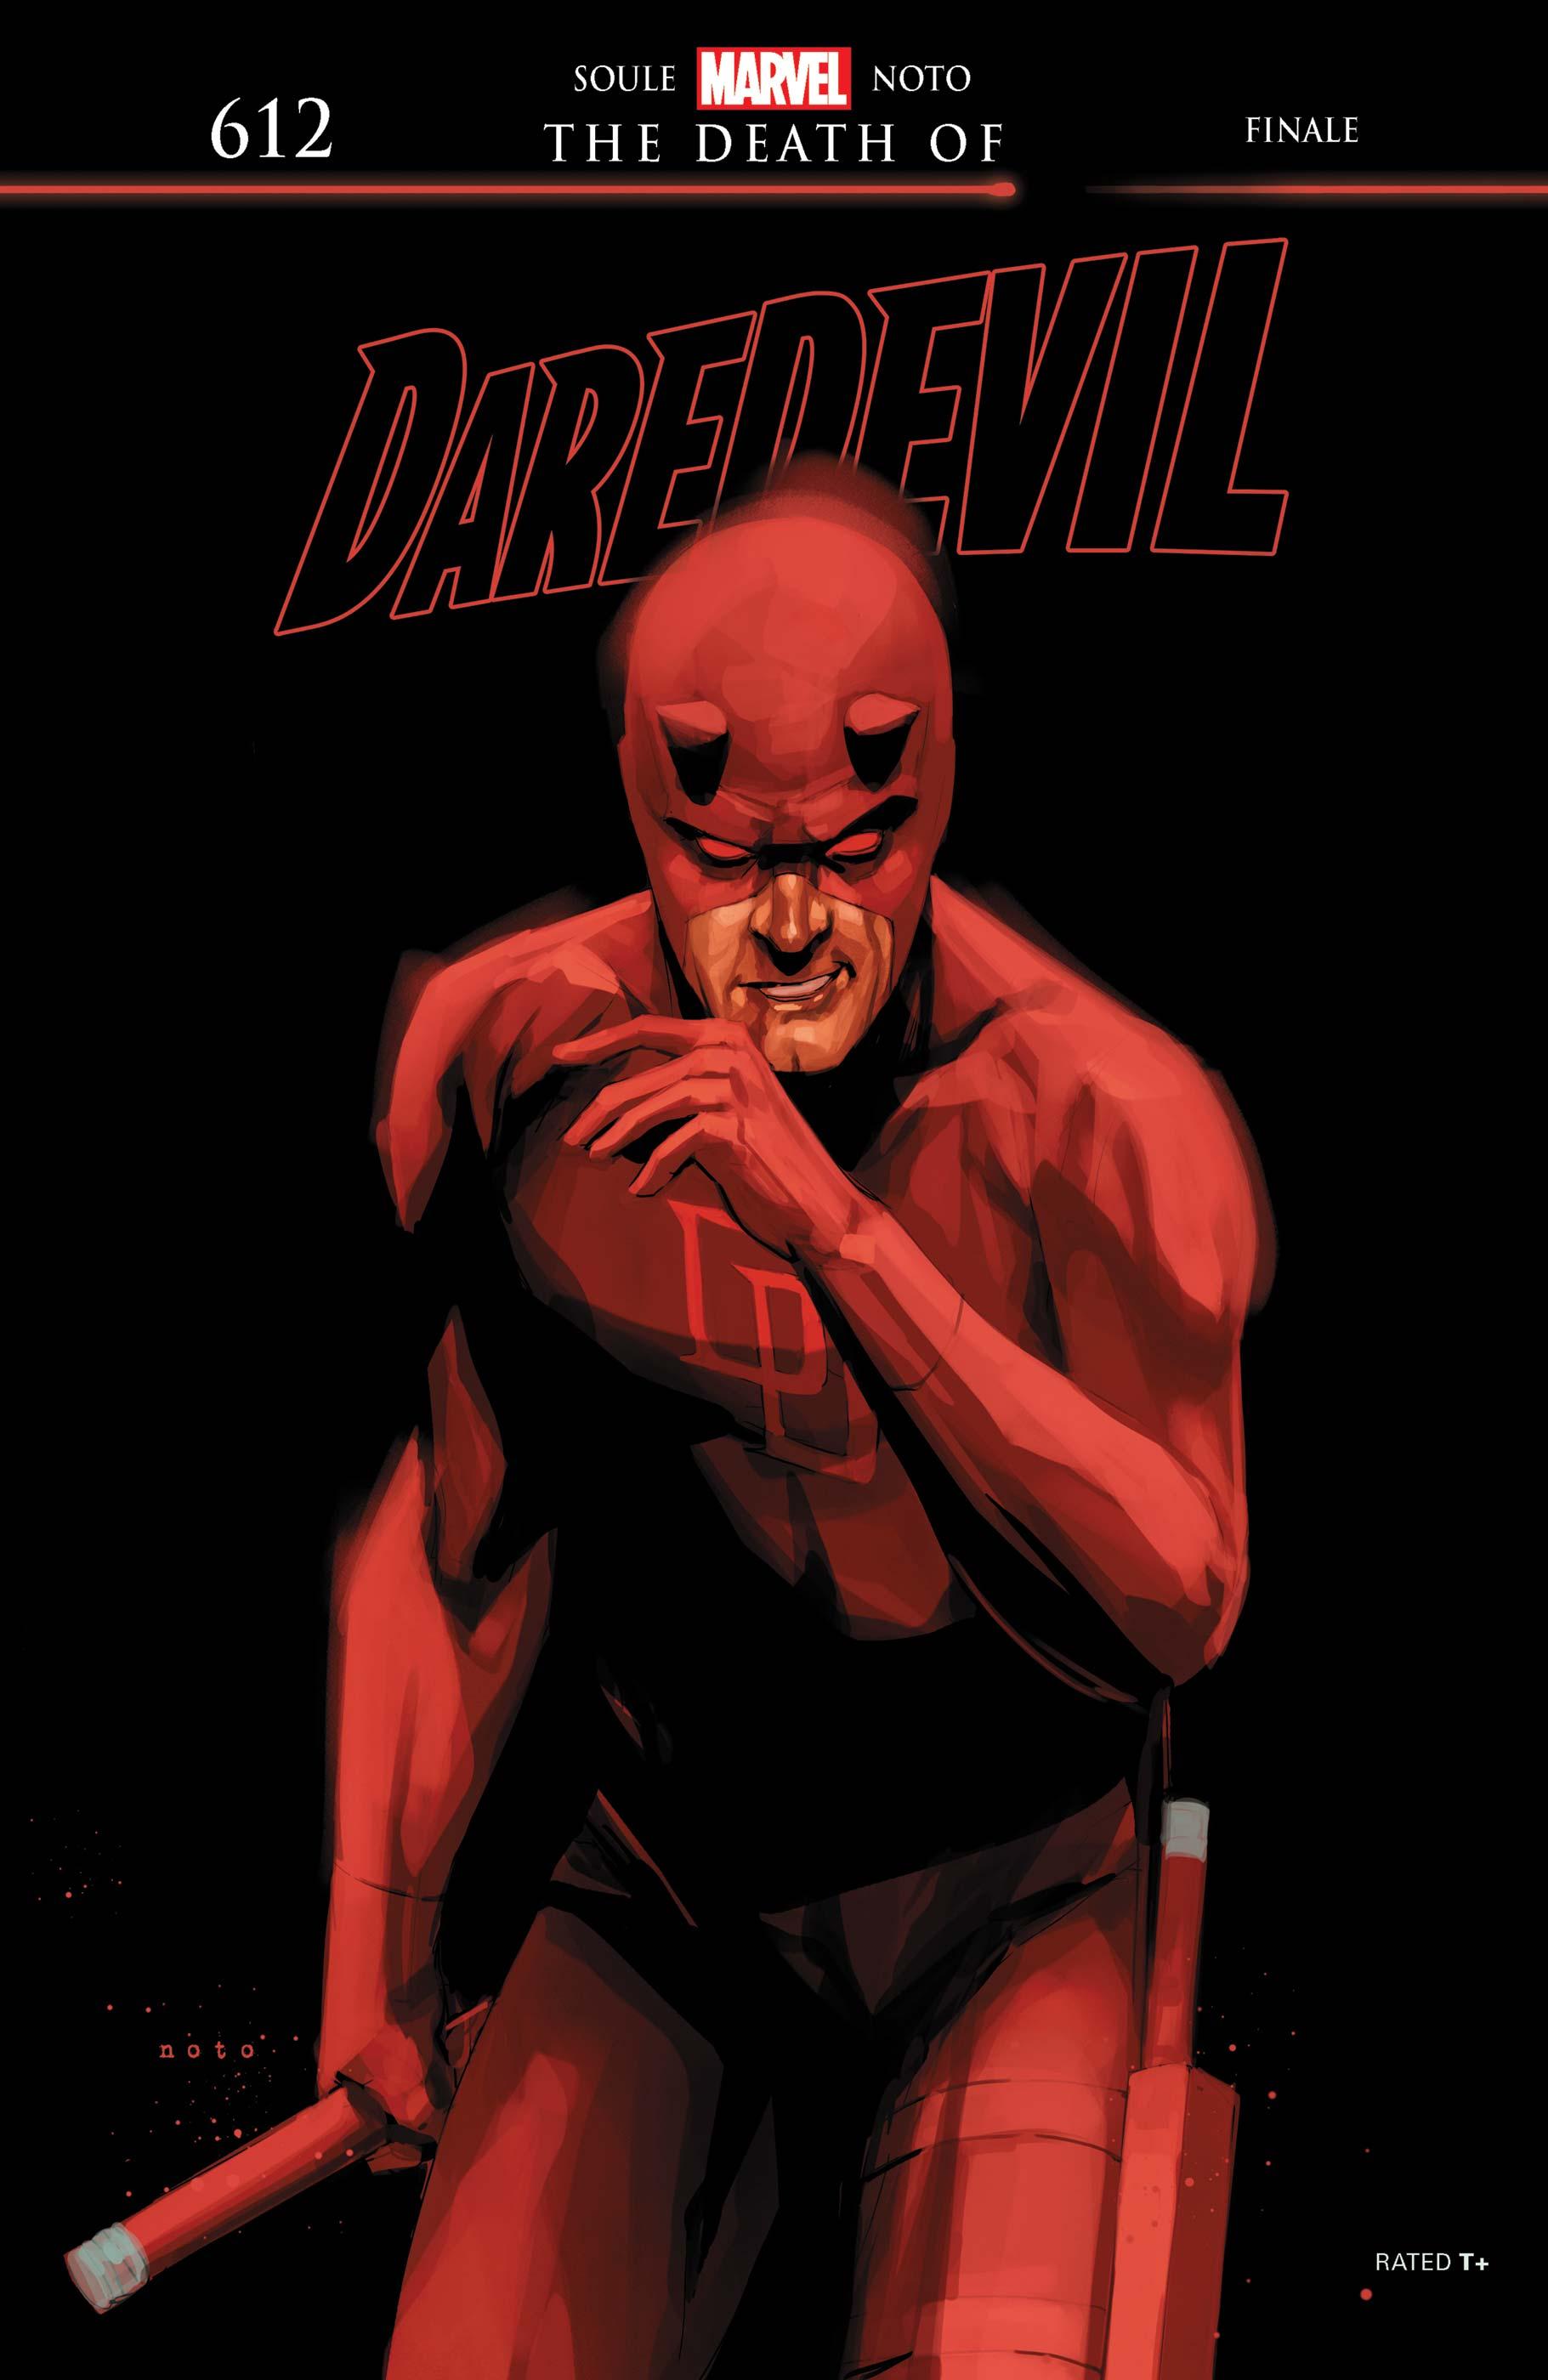 Daredevil (2015) #612